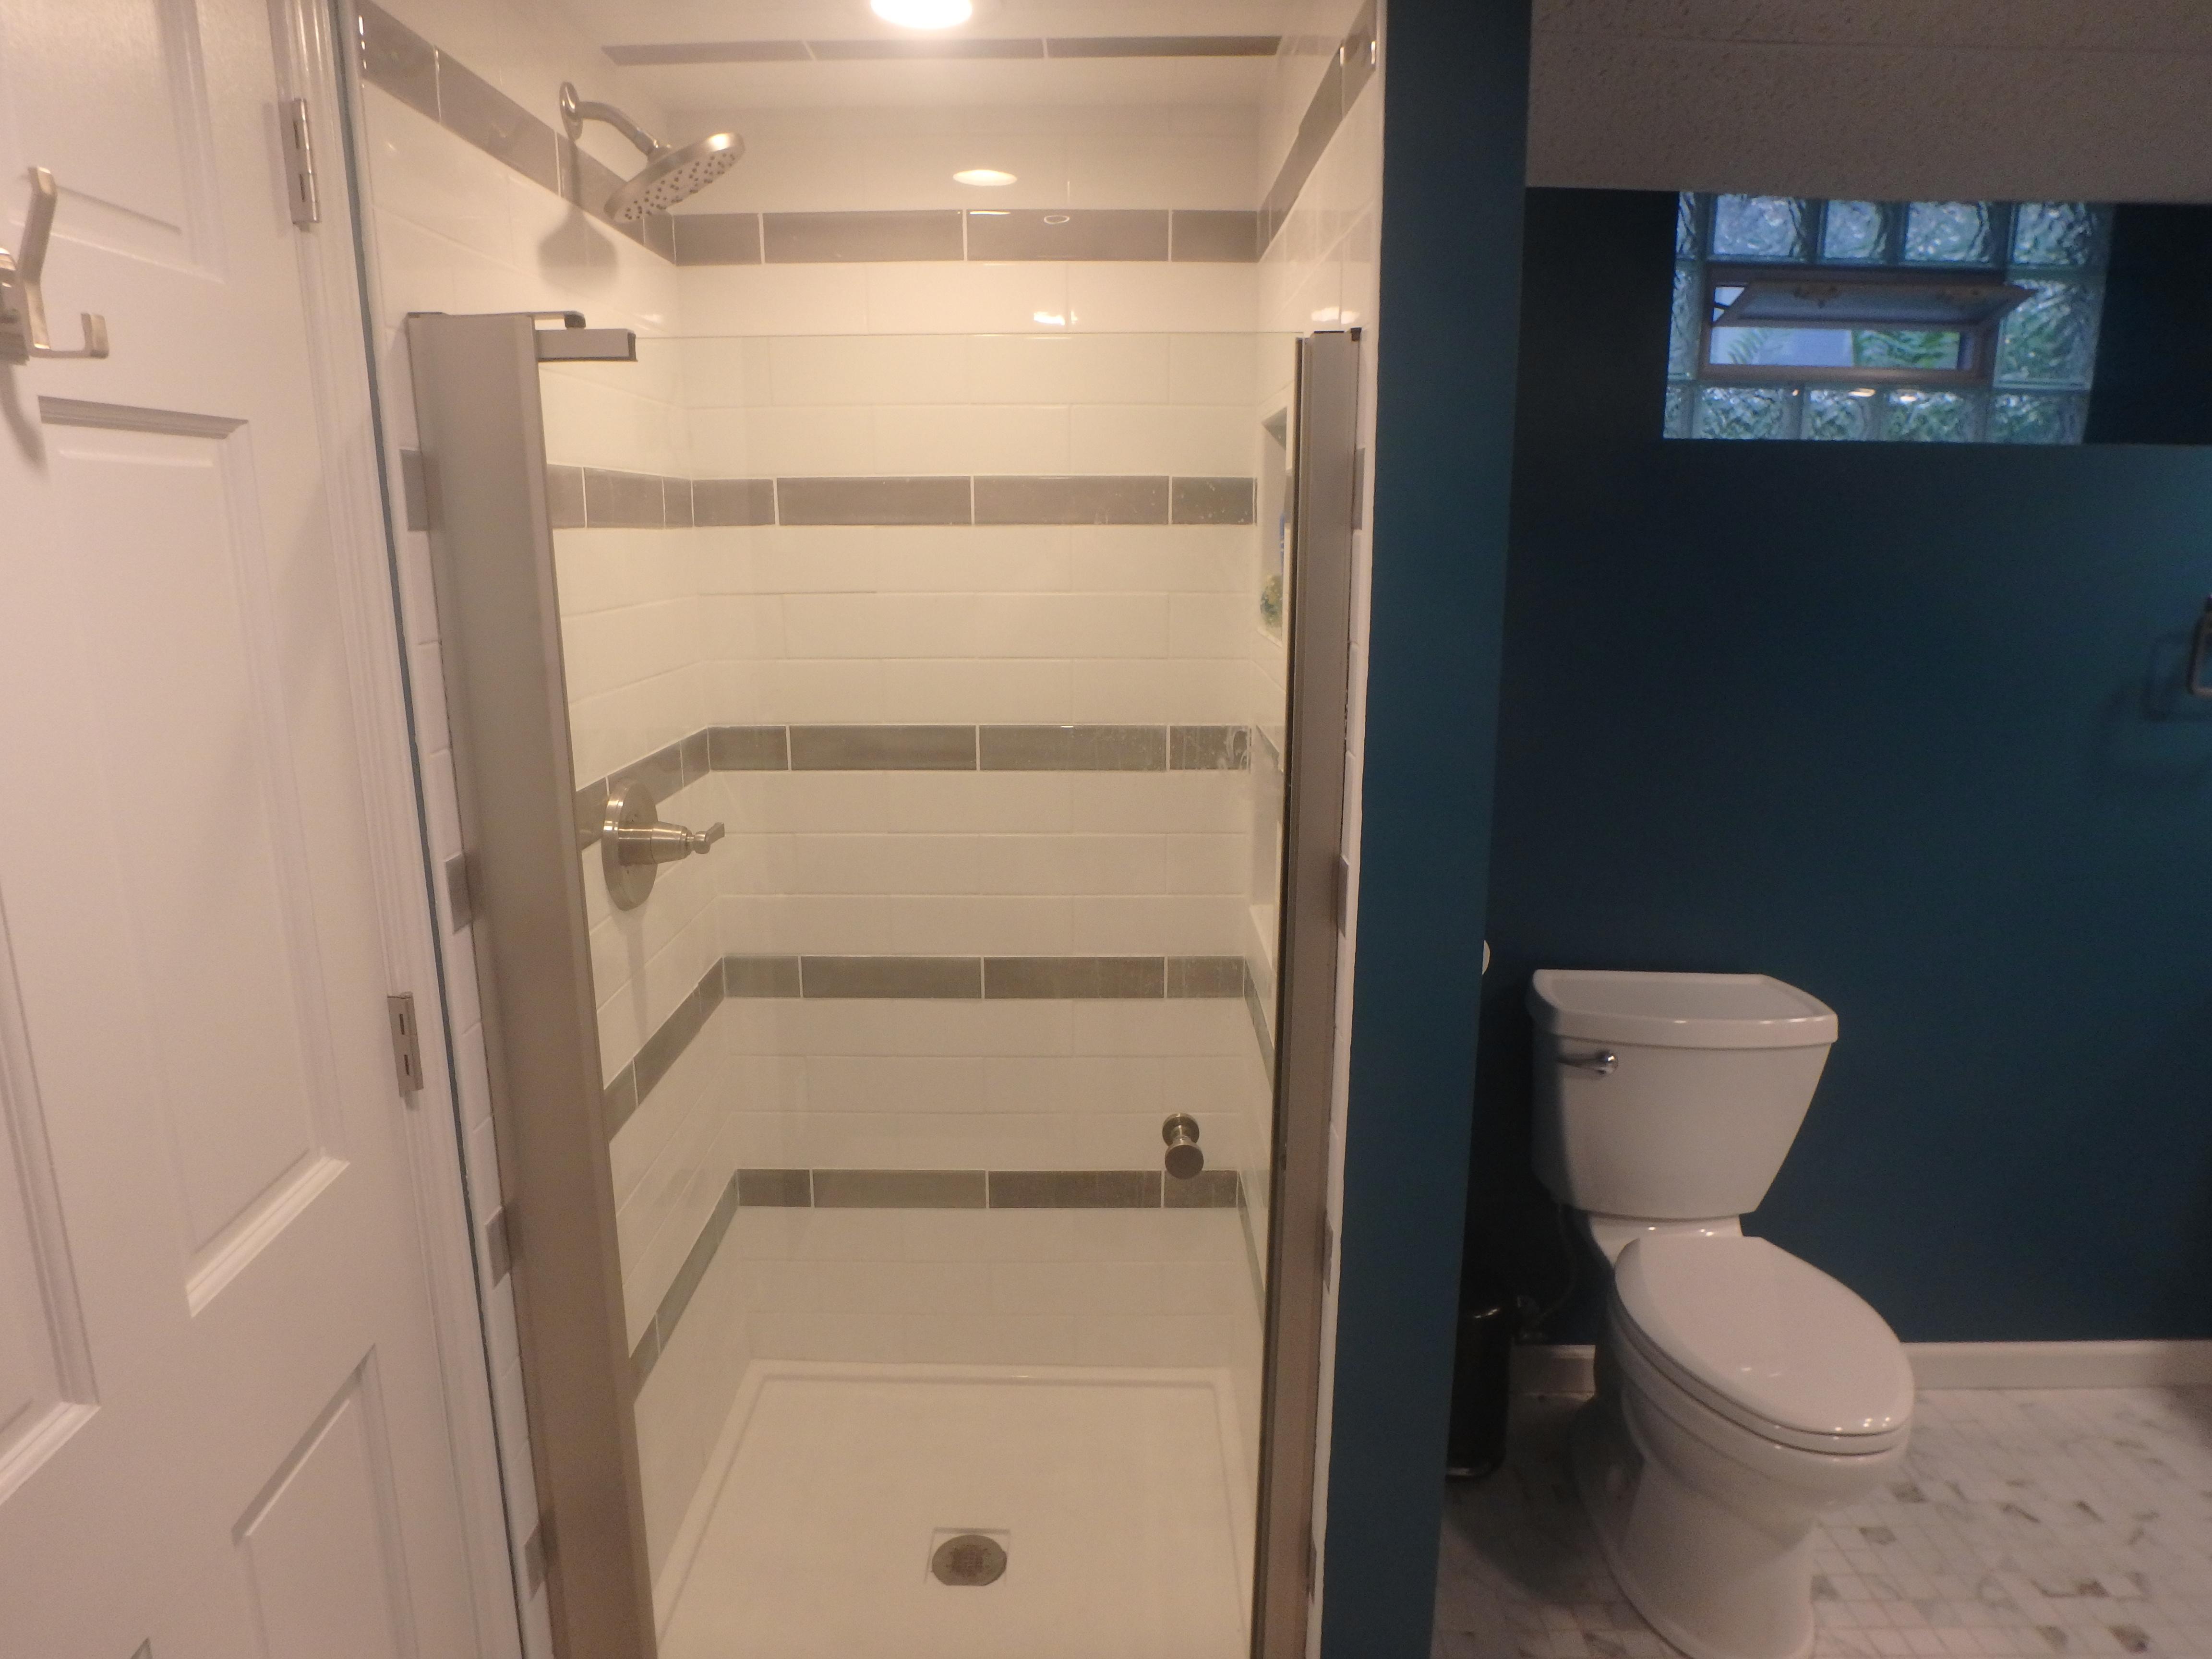 Tile Shower Remodeling